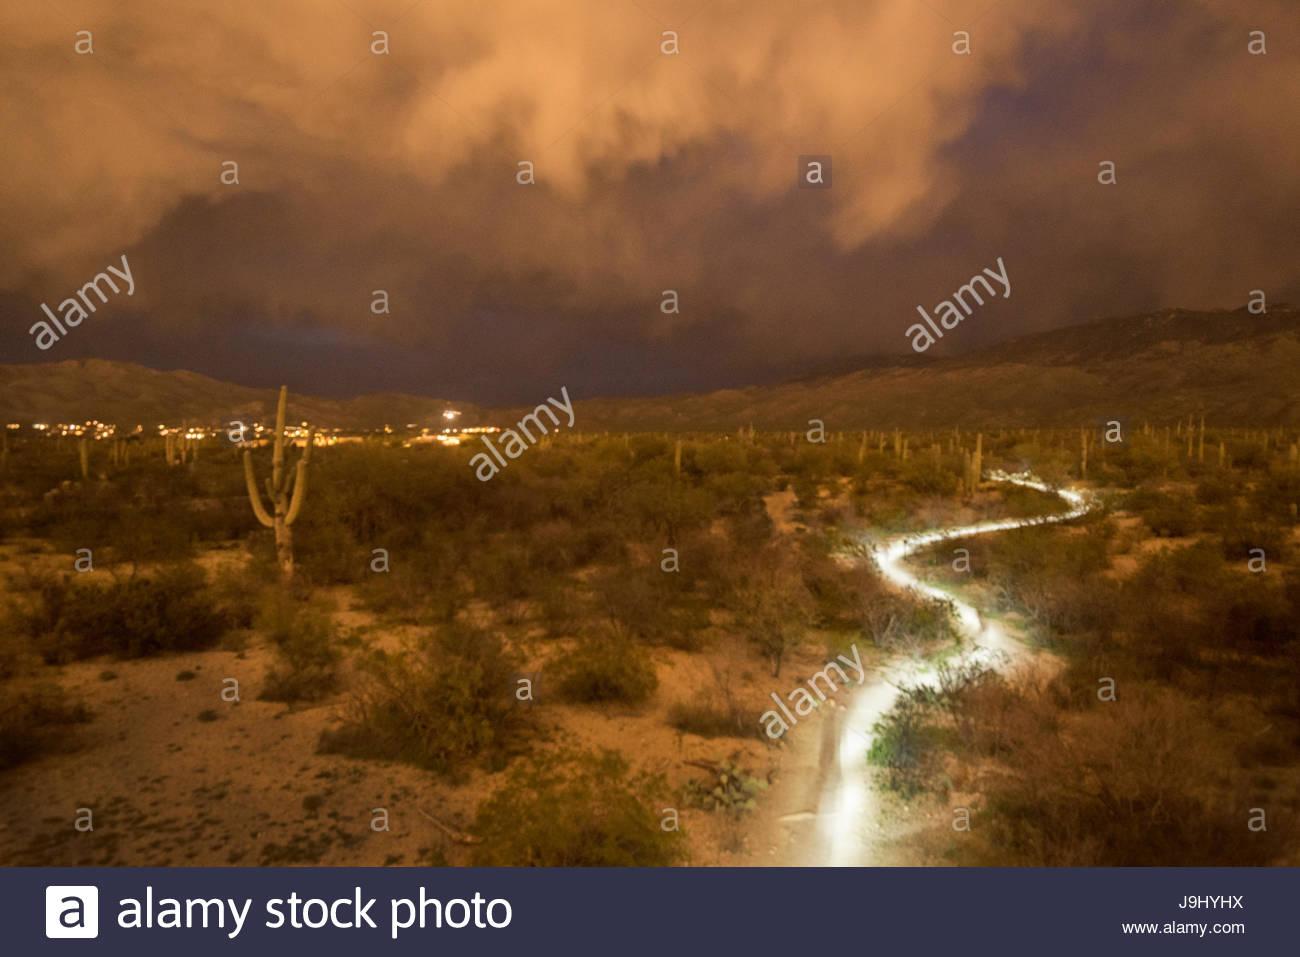 El faro de un excursionista en un sendero en el Parque Nacional de Saguaro durante aproxima tormenta nubes iluminadas Foto de stock